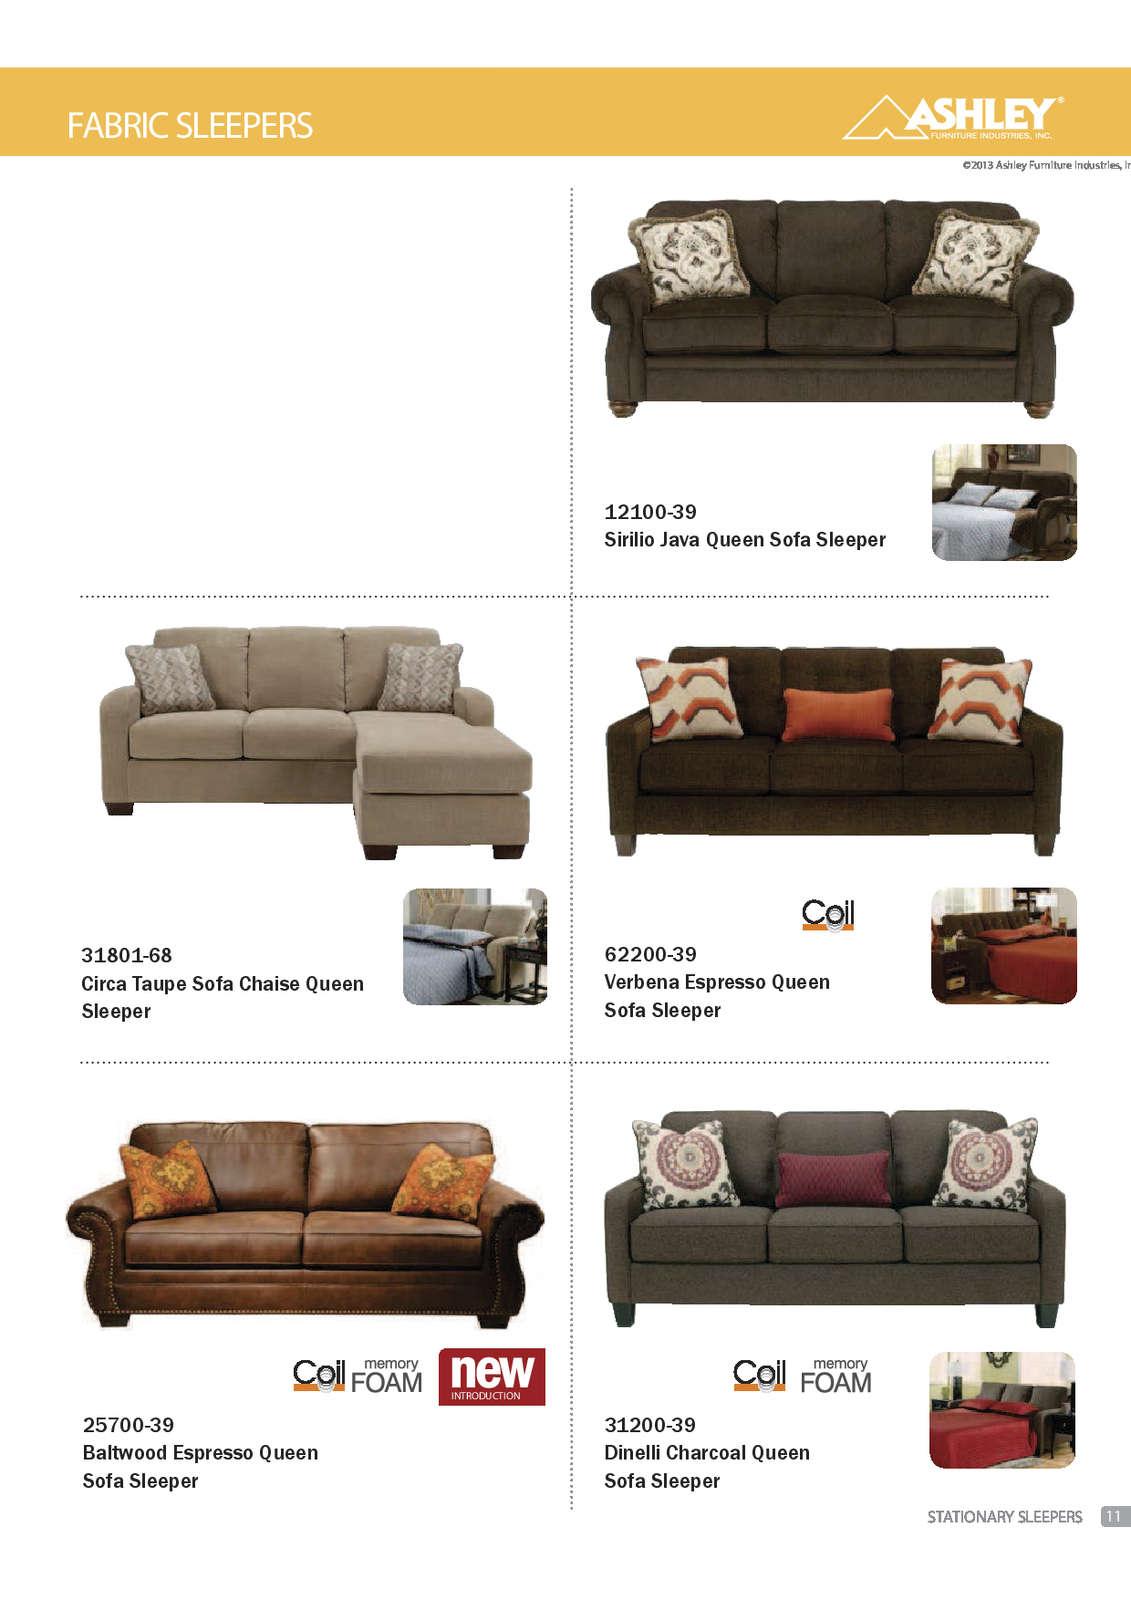 Tremendous Comprar Sofa Cama En Conchali Ofertas Y Tiendas Ofertia Pdpeps Interior Chair Design Pdpepsorg